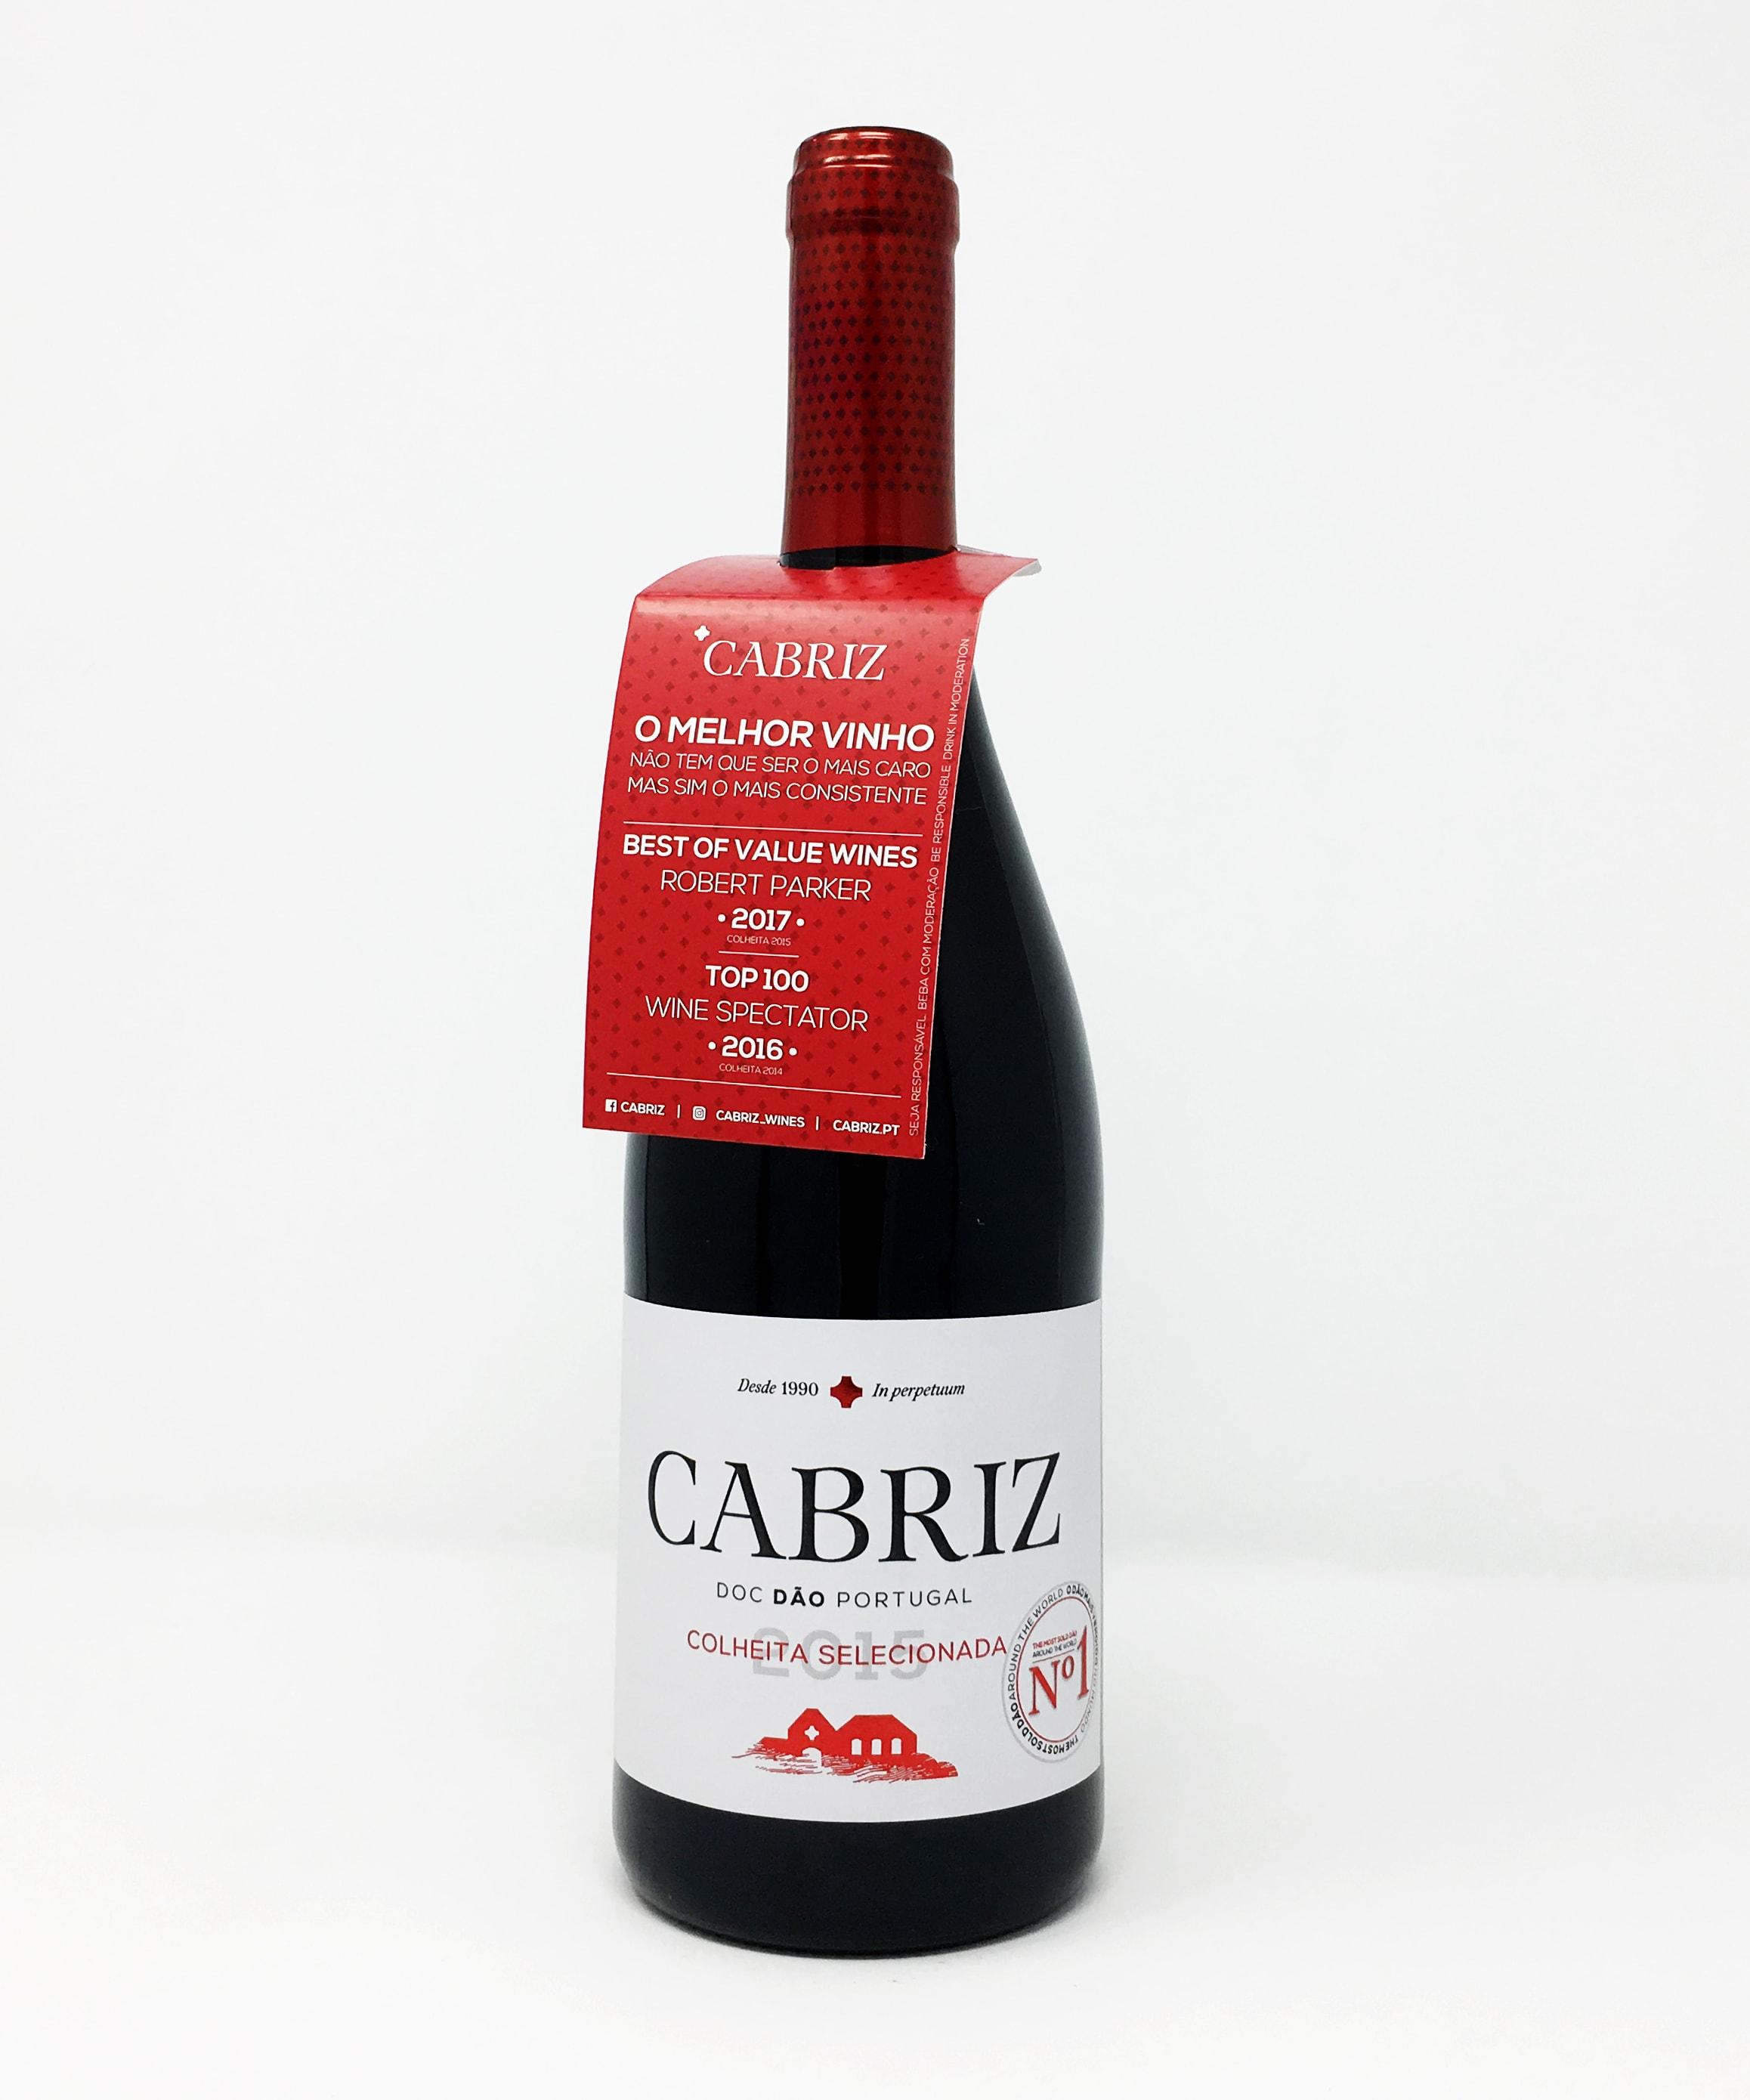 Quinta de Cabriz, Colheita Selecionada